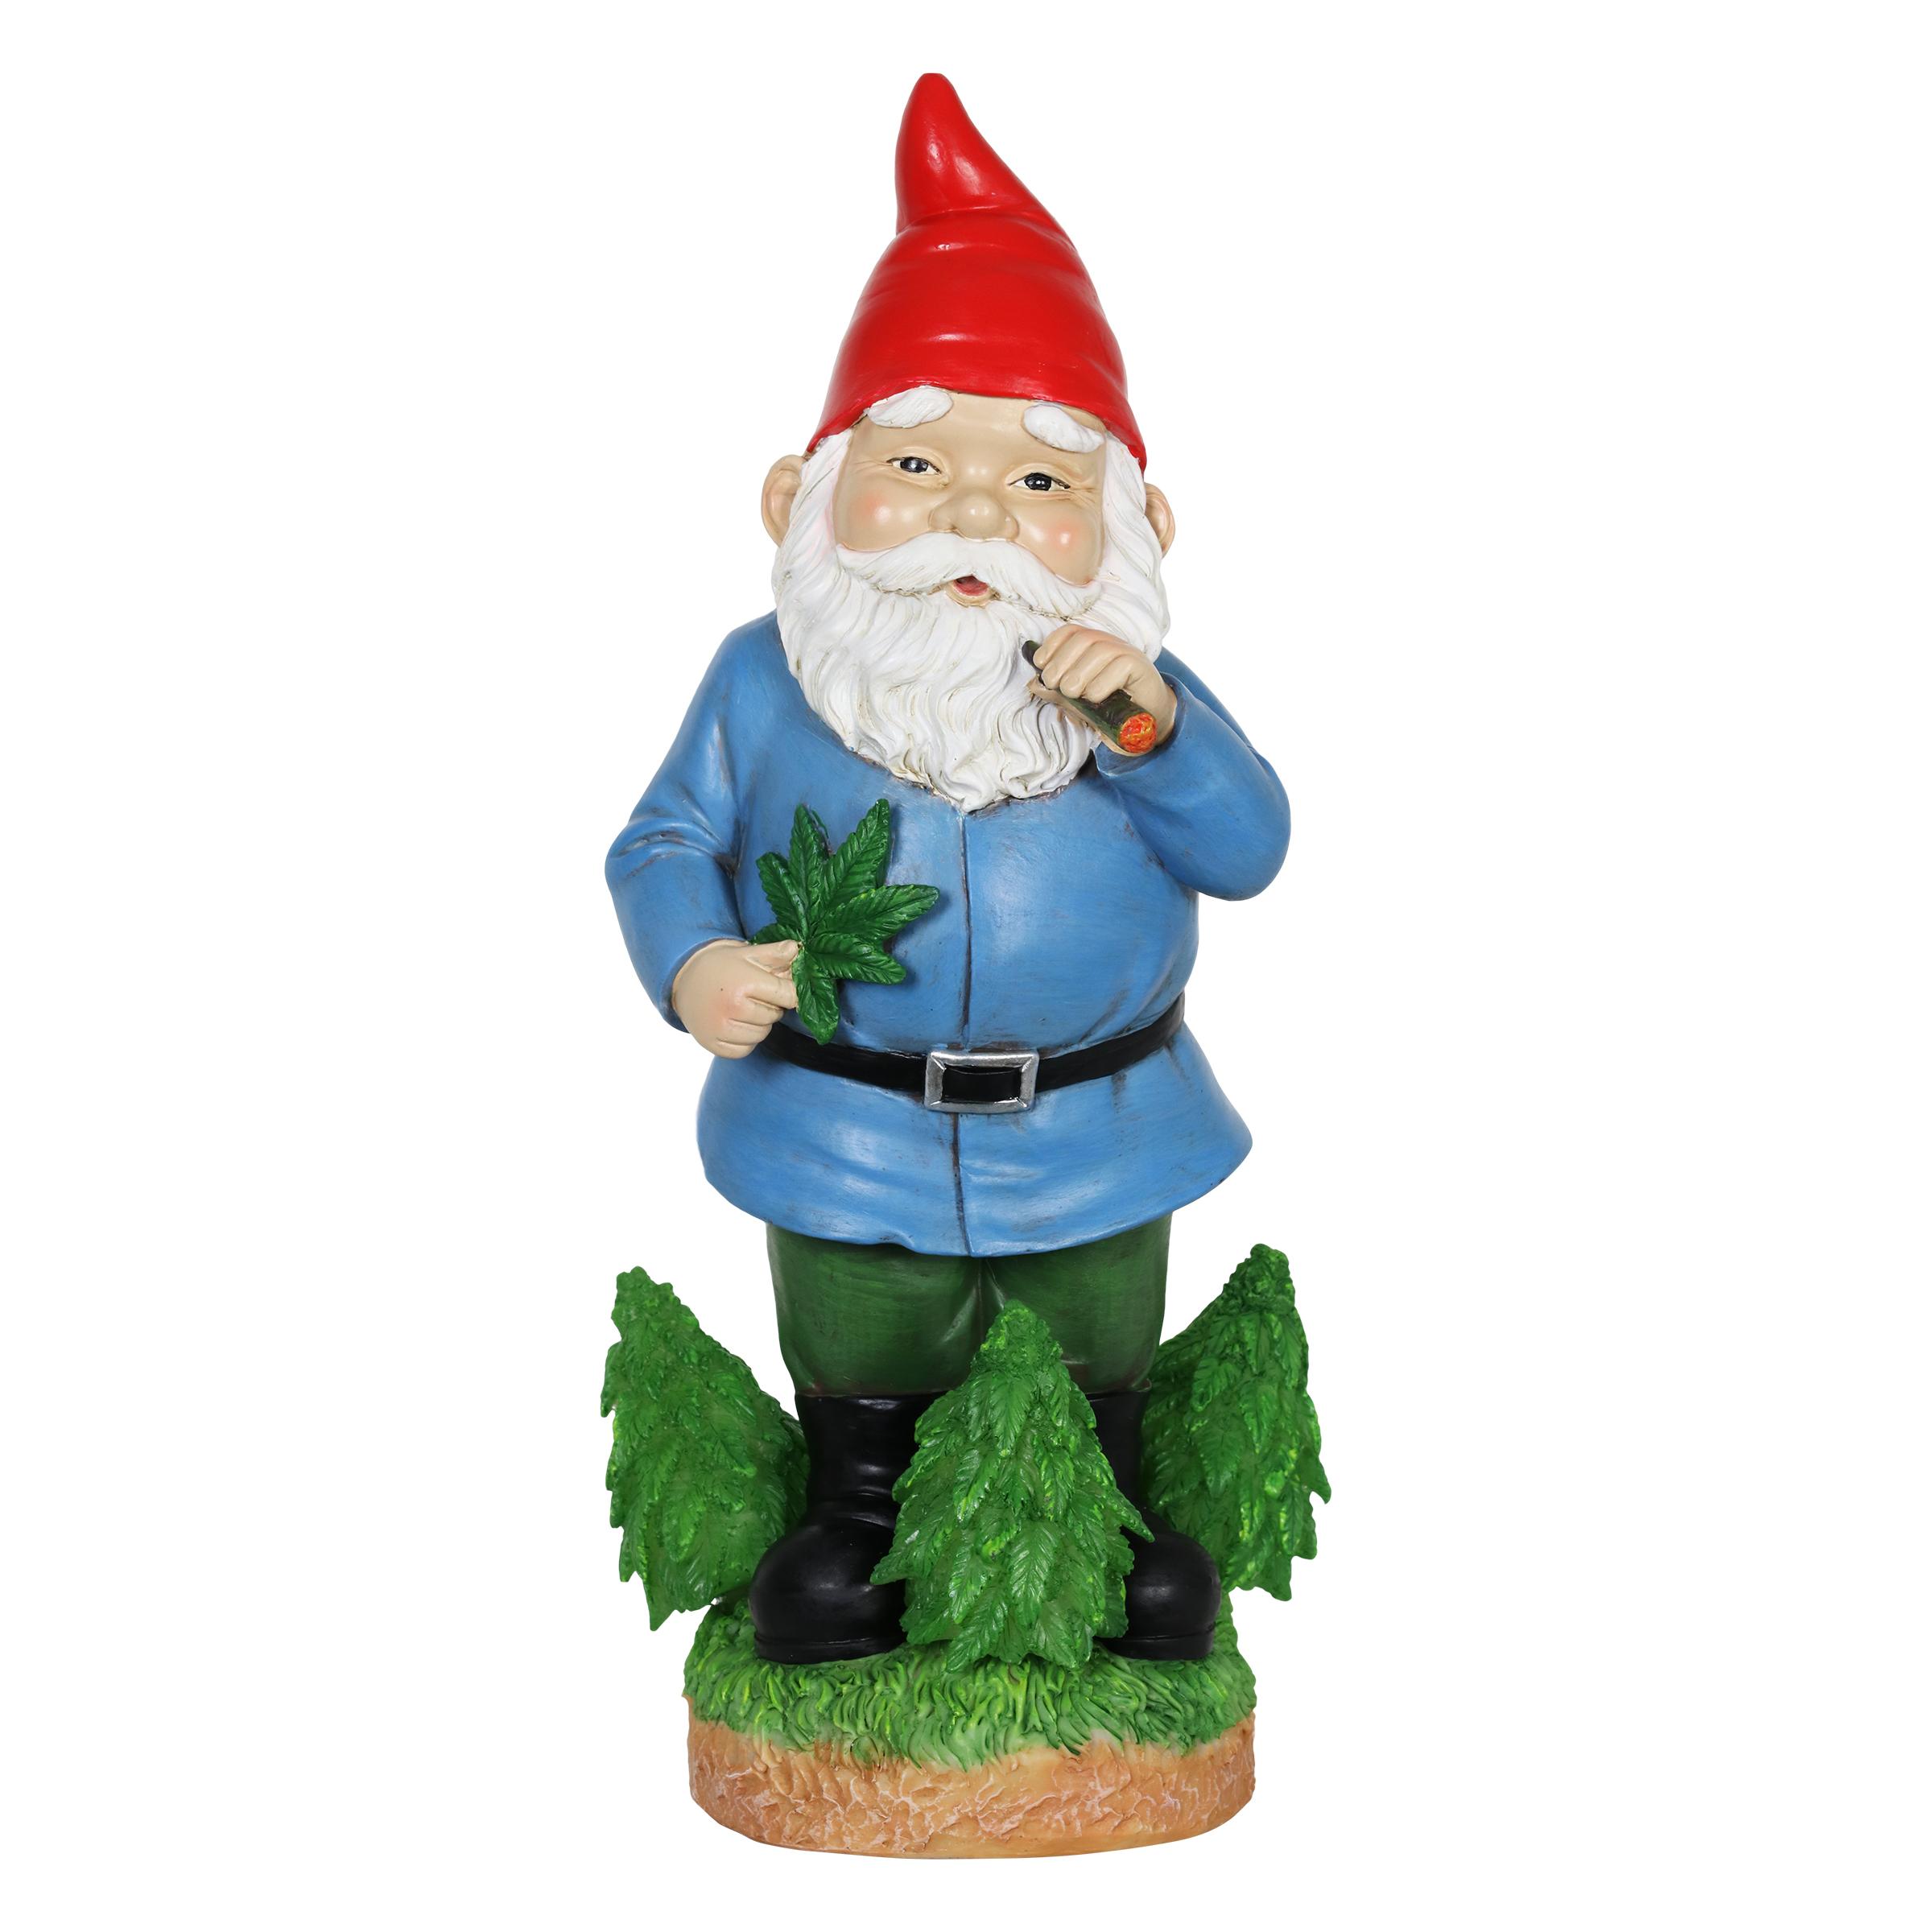 Exhart - A Leader In Wholesale Home & Garden Decor